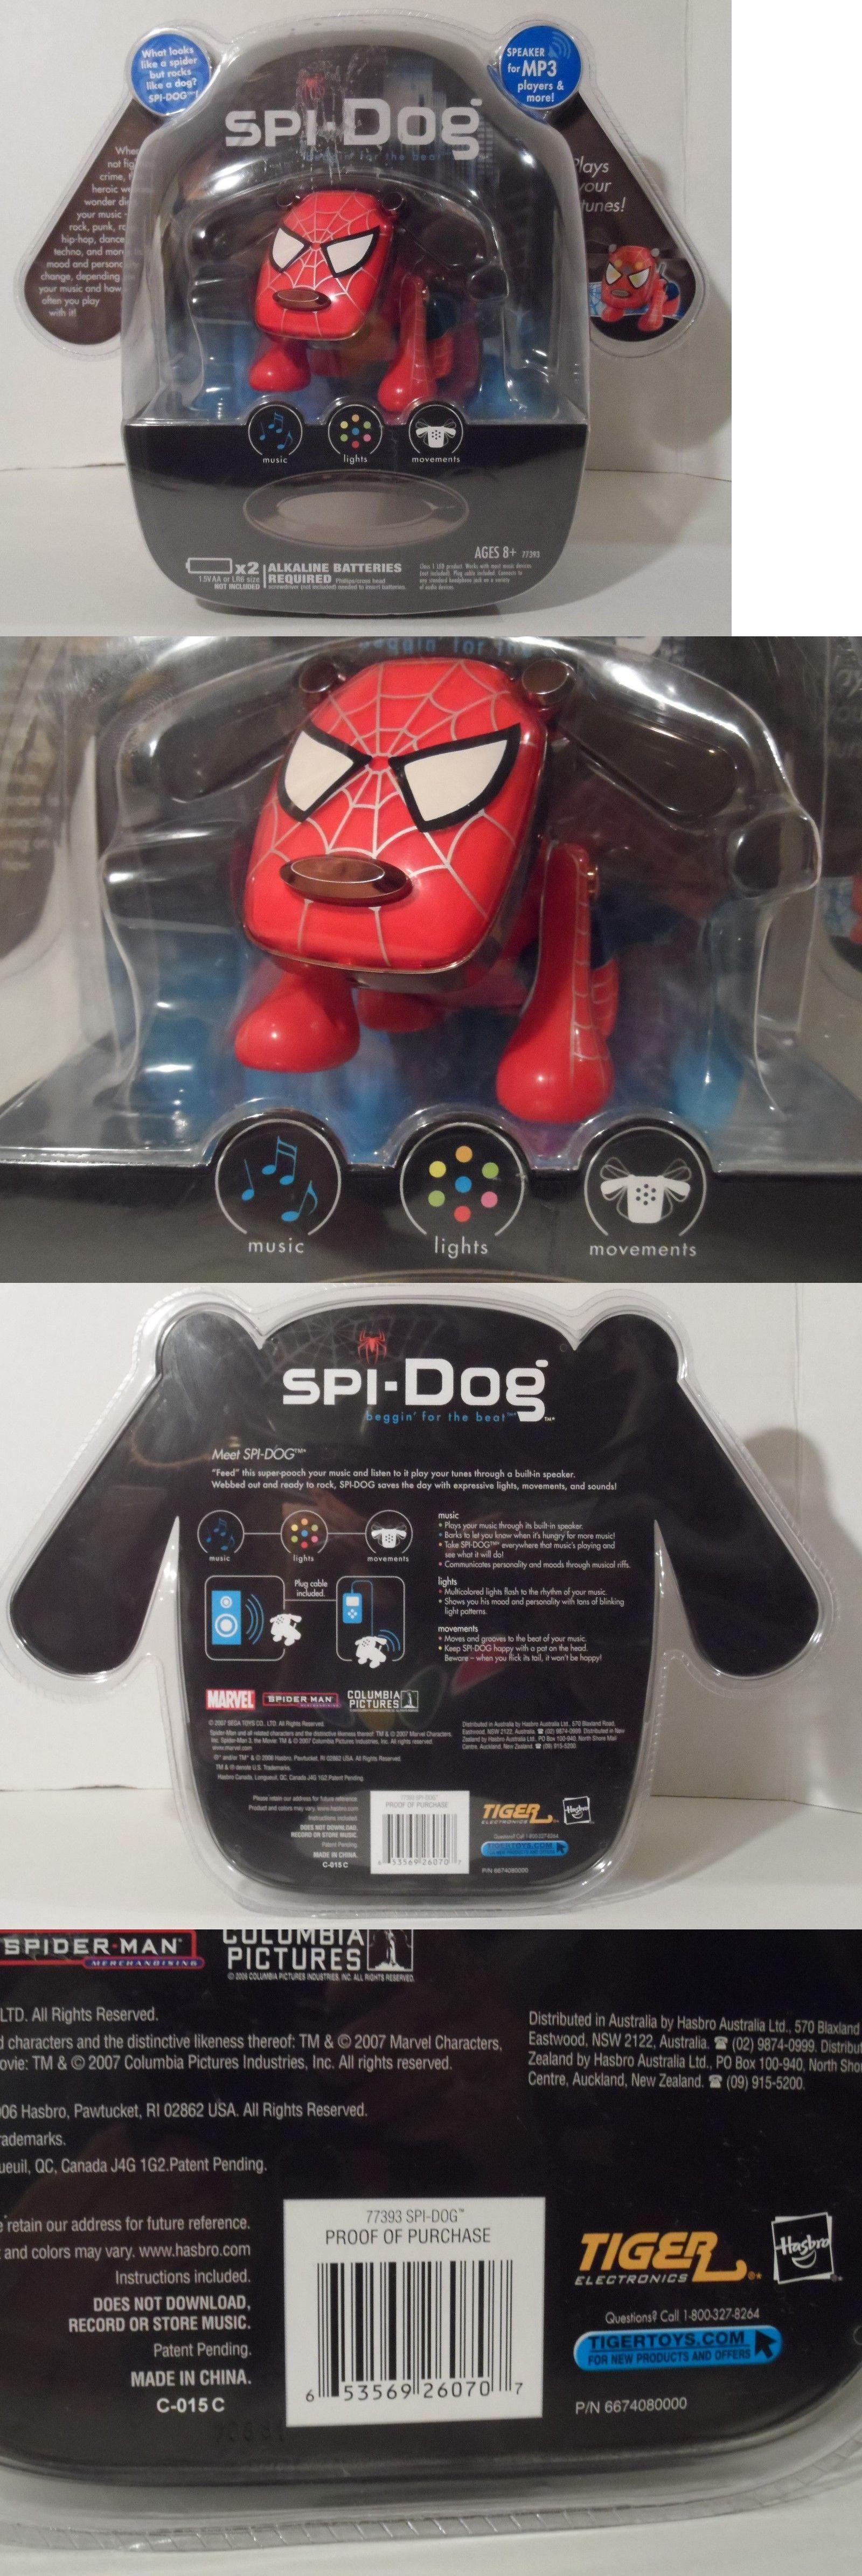 Idog Icat And Ifish 119394 New Sealed I Dog Spi Dog Spiderman